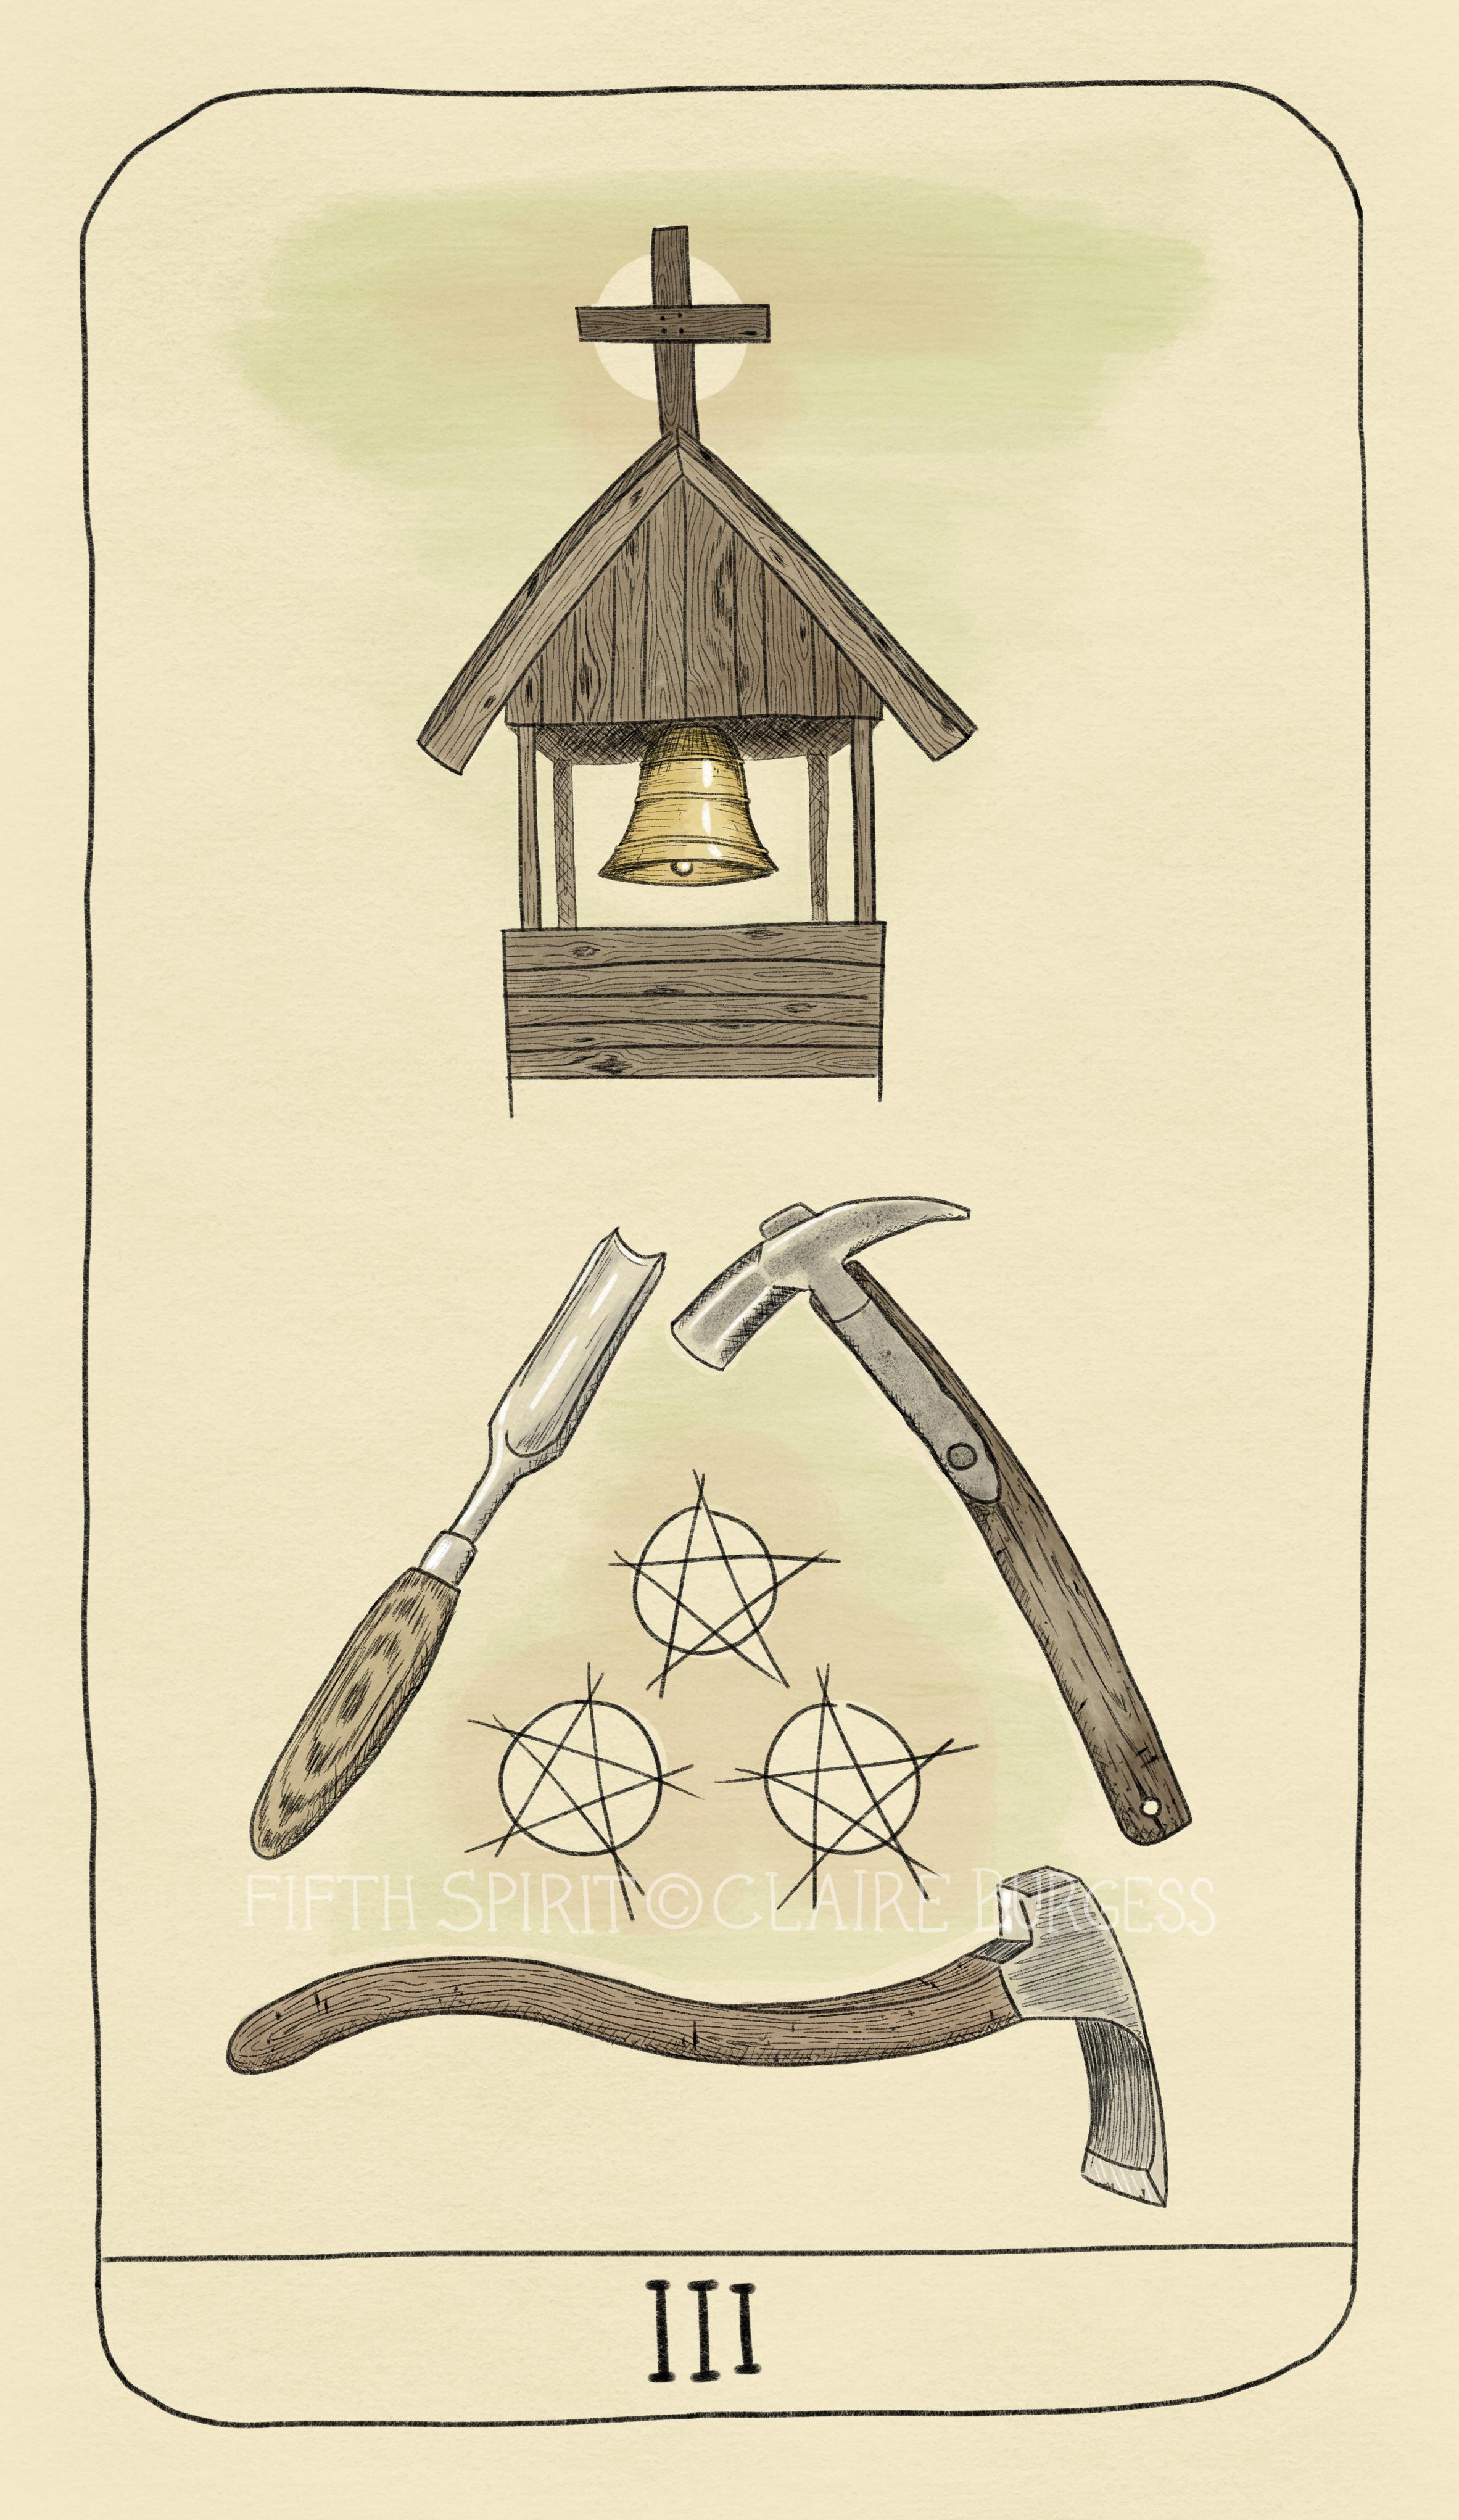 3 of Pentacles Fifth Spirit Tarot